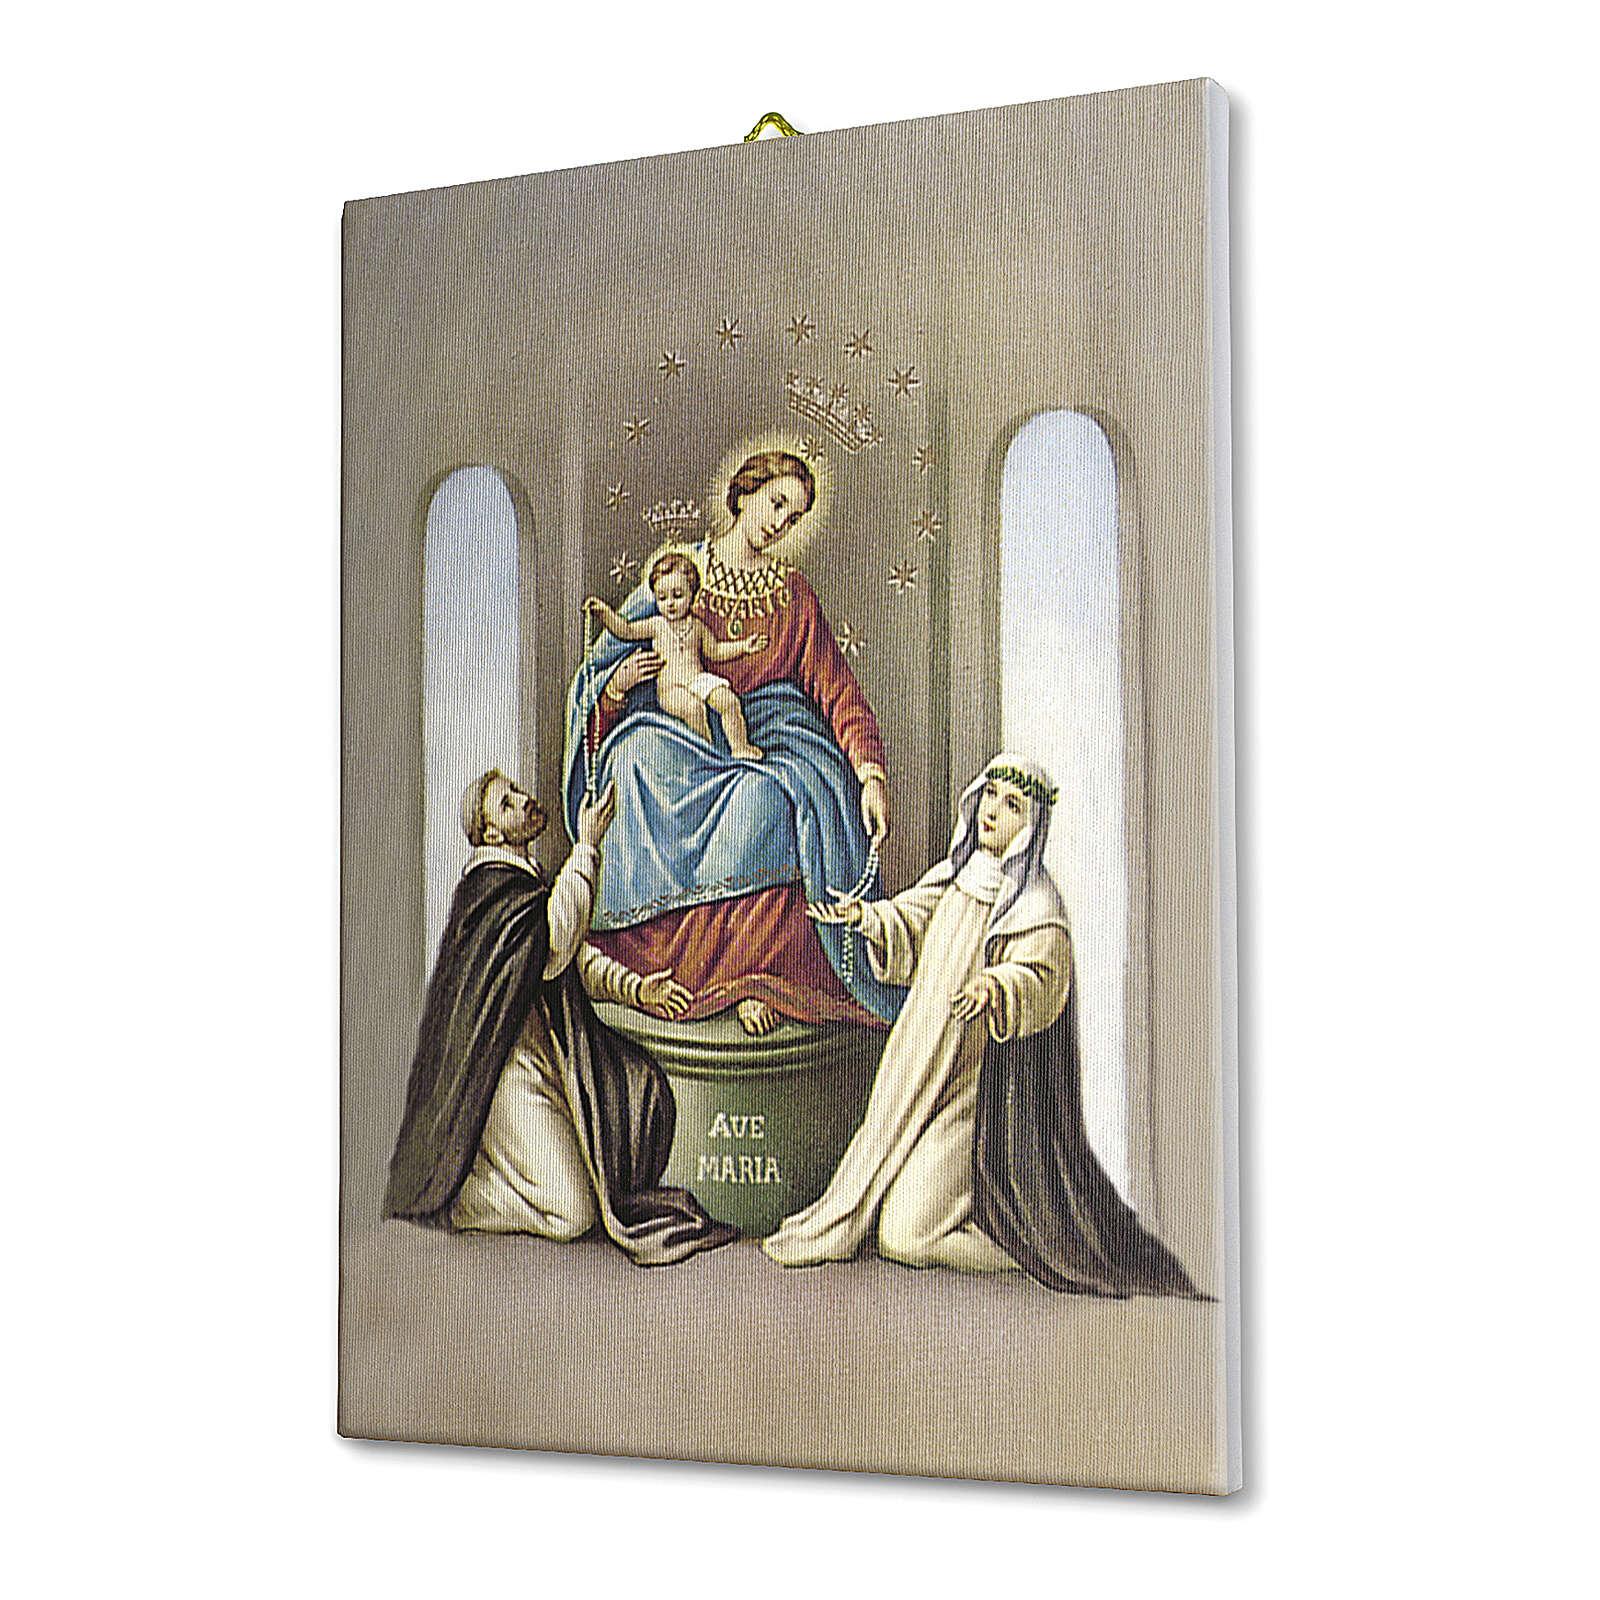 Bild auf Leinwand Heiligtum Unserer Lieben Frau vom Rosenkranz, 25x20 cm 3